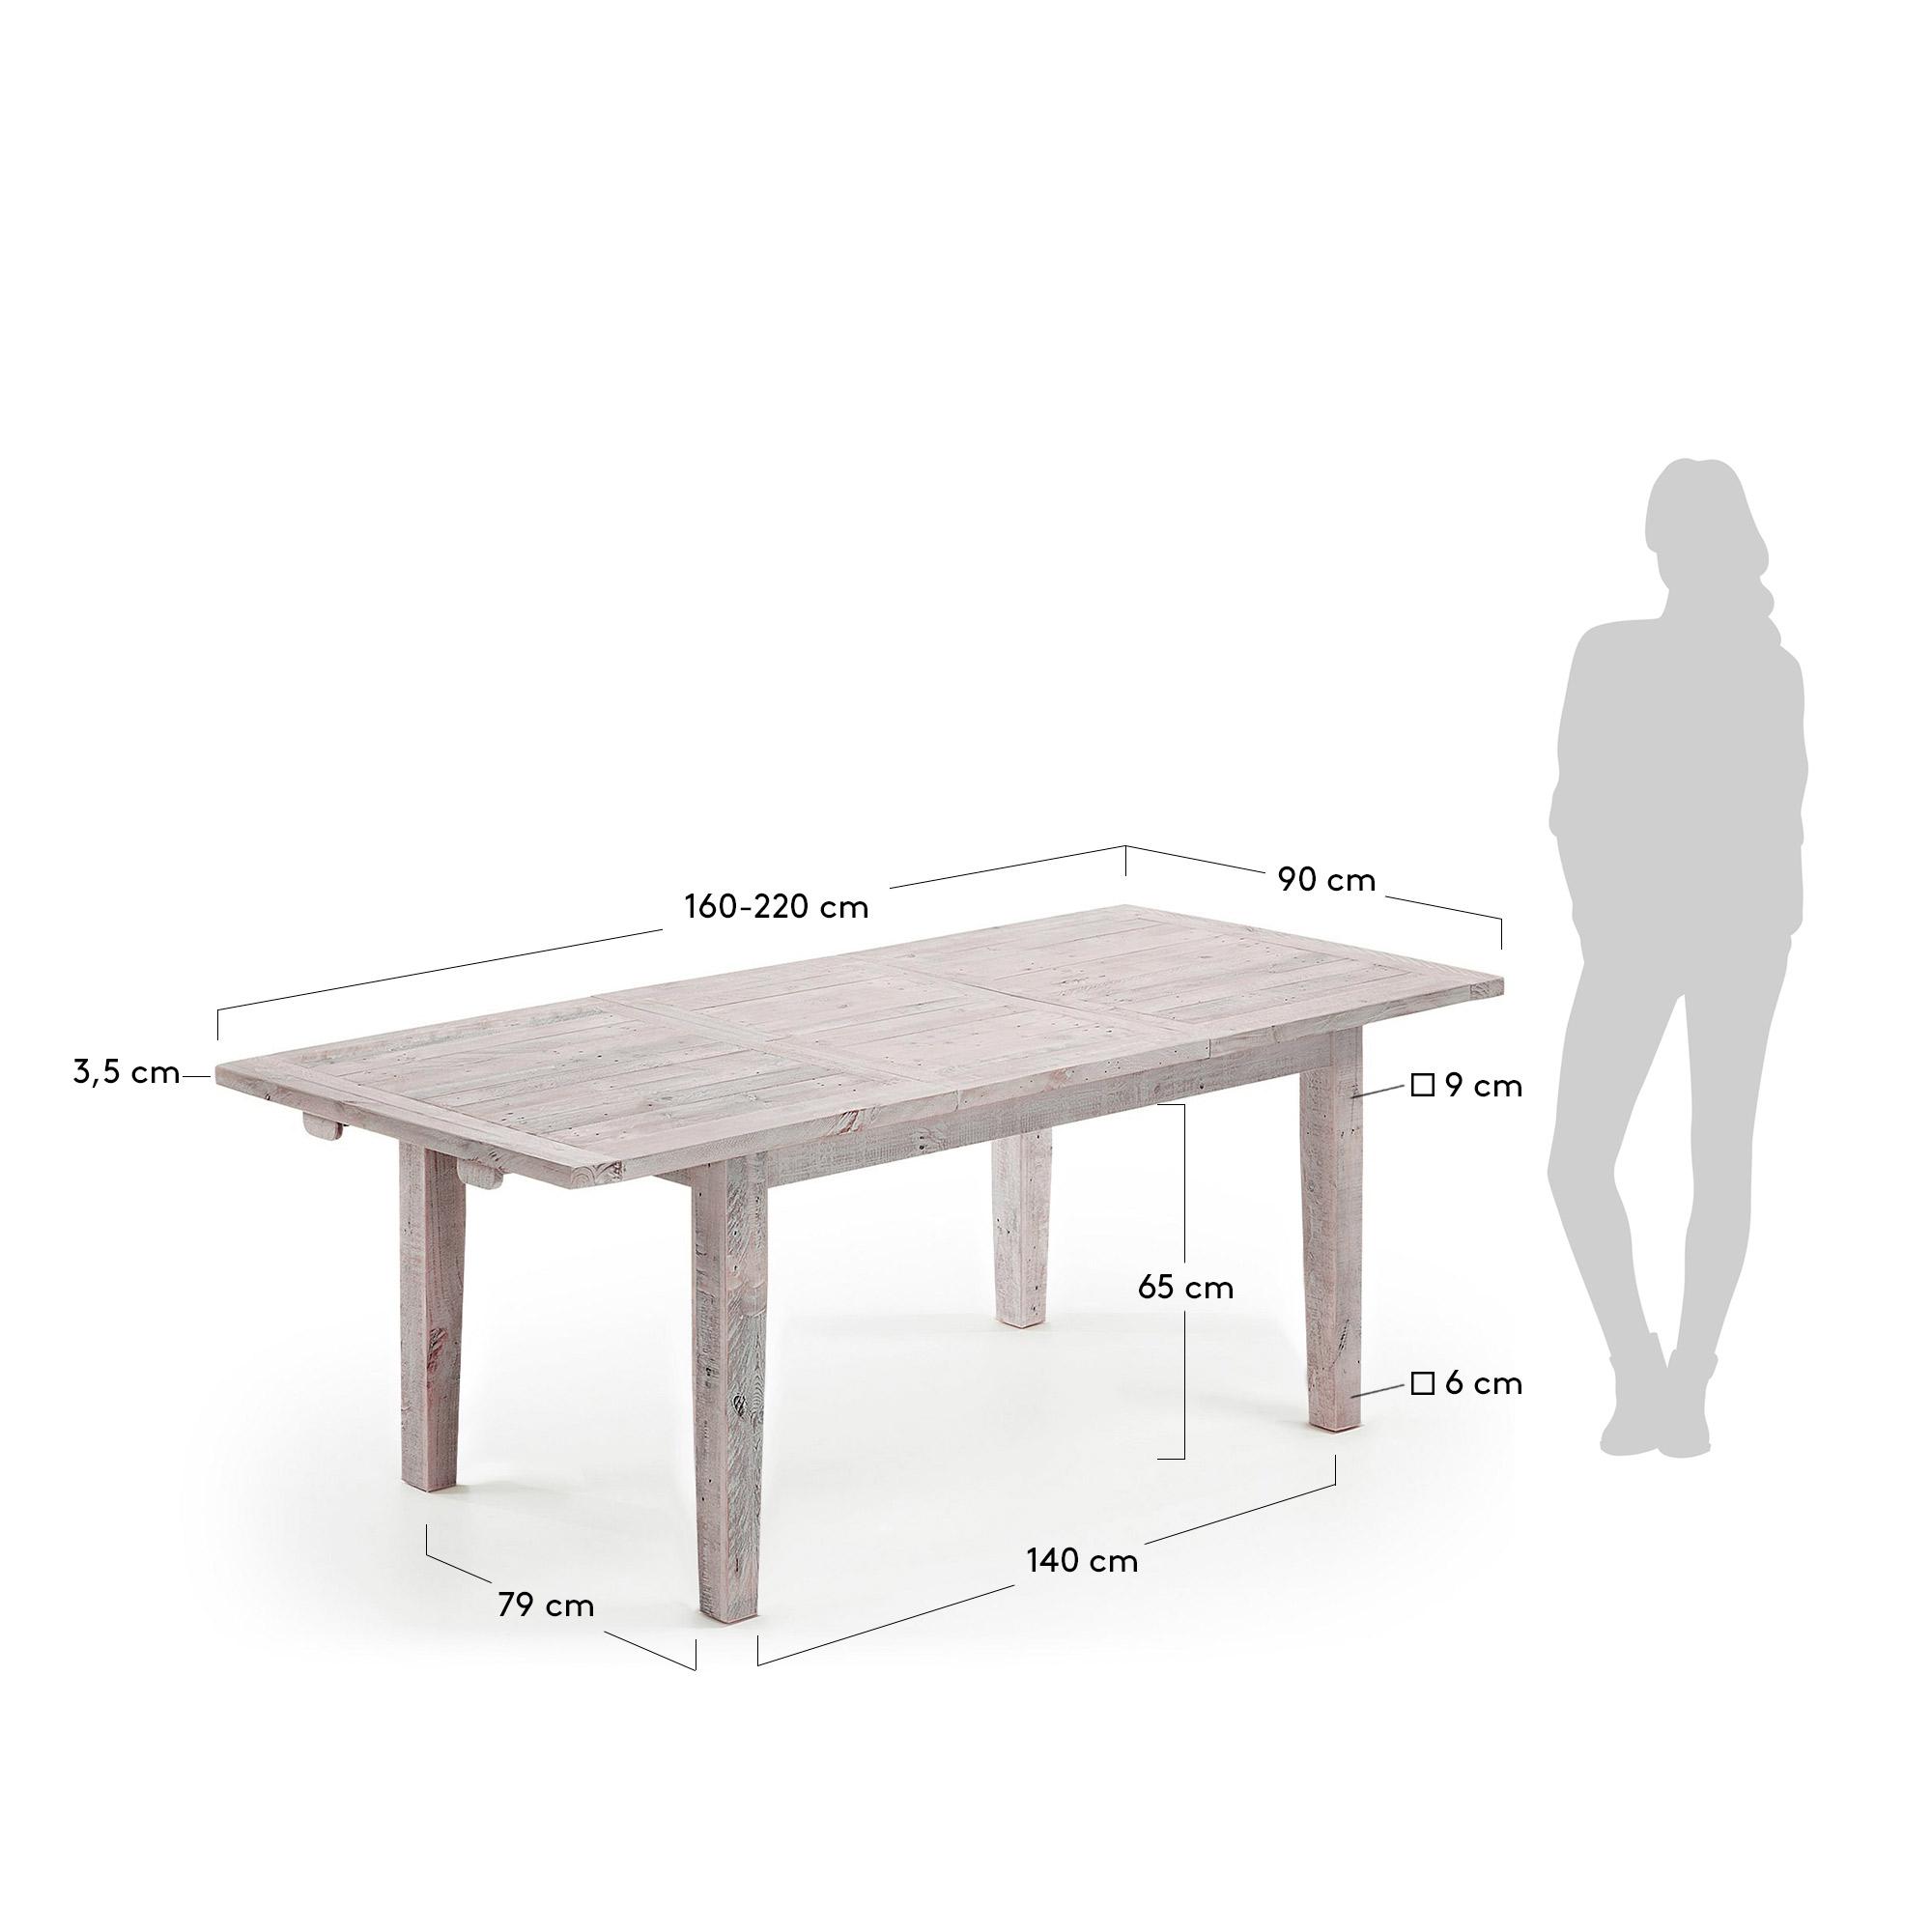 LAFORMA Woody spisebord - hvidvasket fyrretræ, m. udtræk (160/220x90)